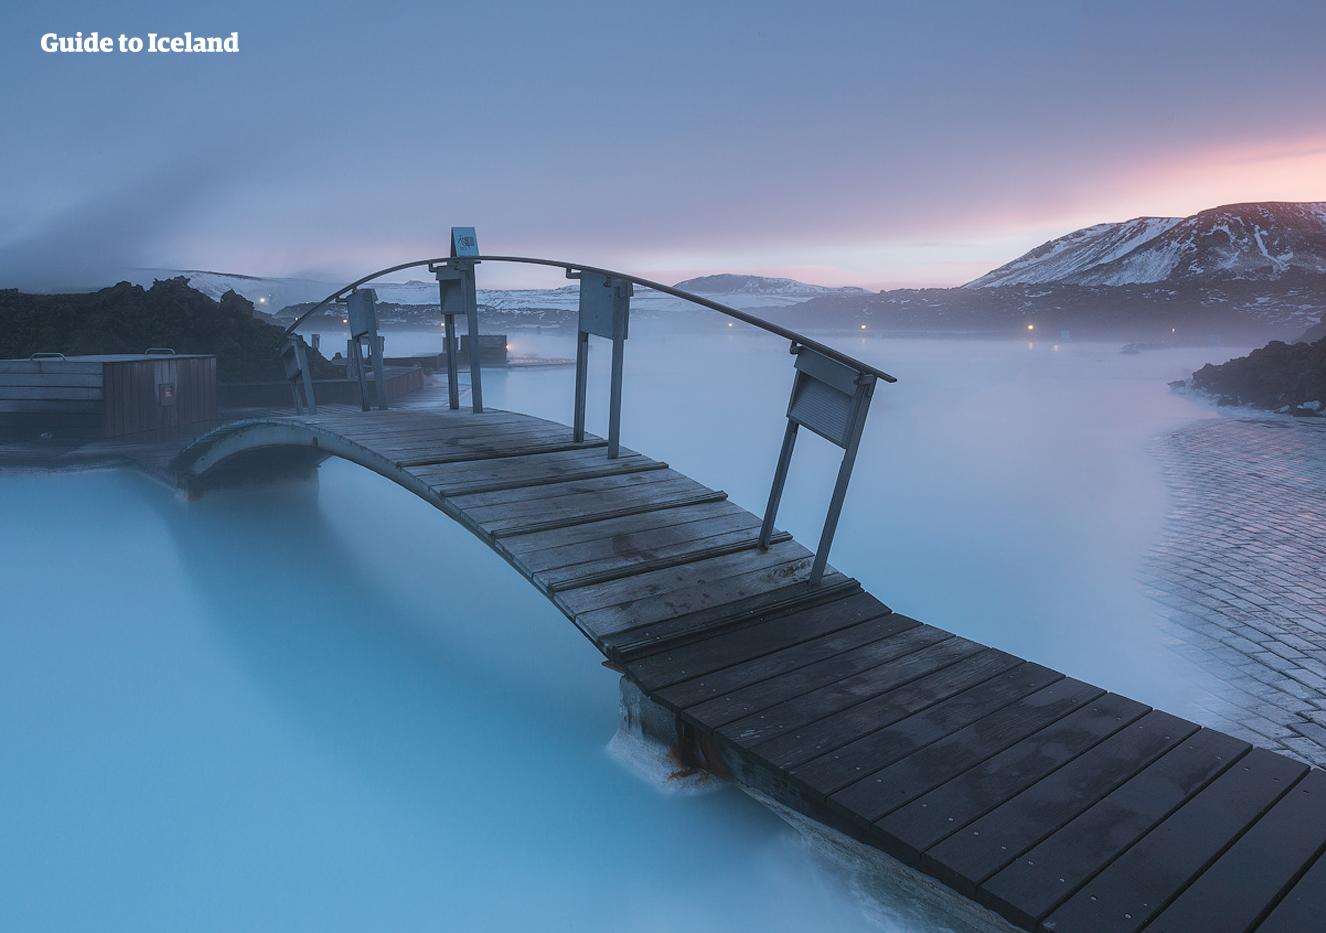 ผ่อนคลายภายใต้แหล่งน้ำจากพลังงานใต้พิภพของบลูลากูน เพื่อเติมความสดชื่นหลังจากการเดินทางของคุณ